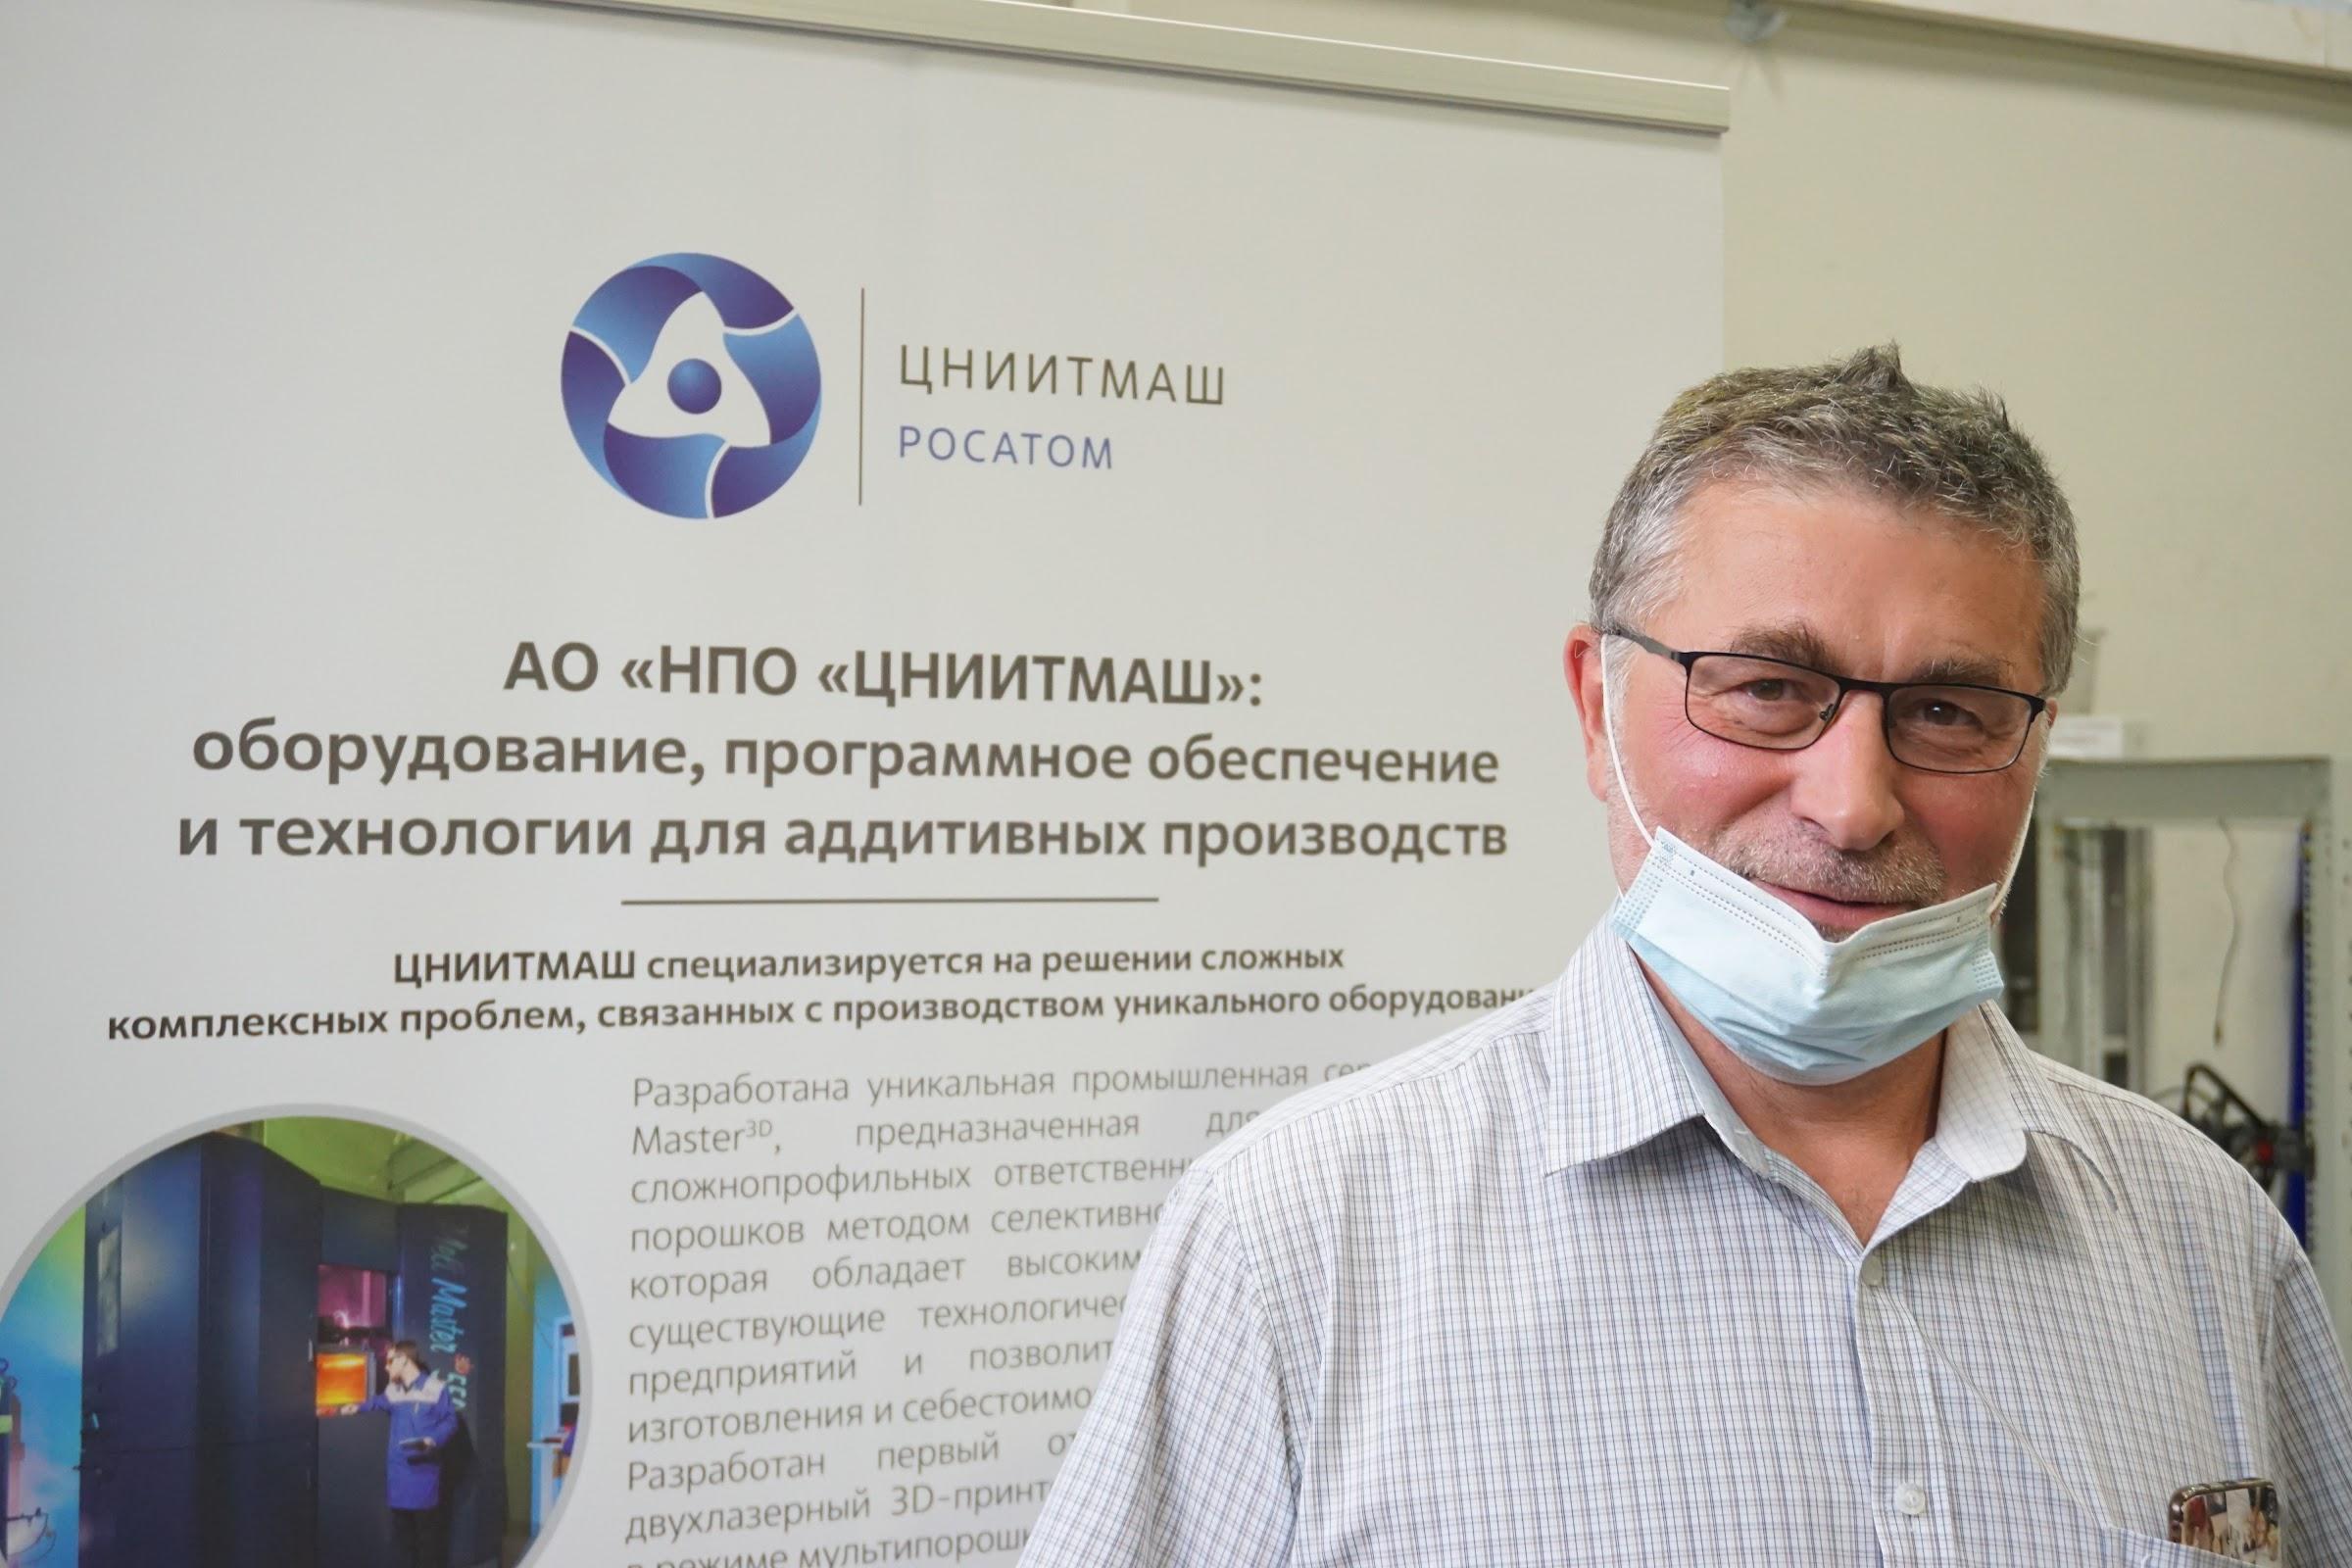 ЦНИИТМАШ - предприятие Атомэнергомаша